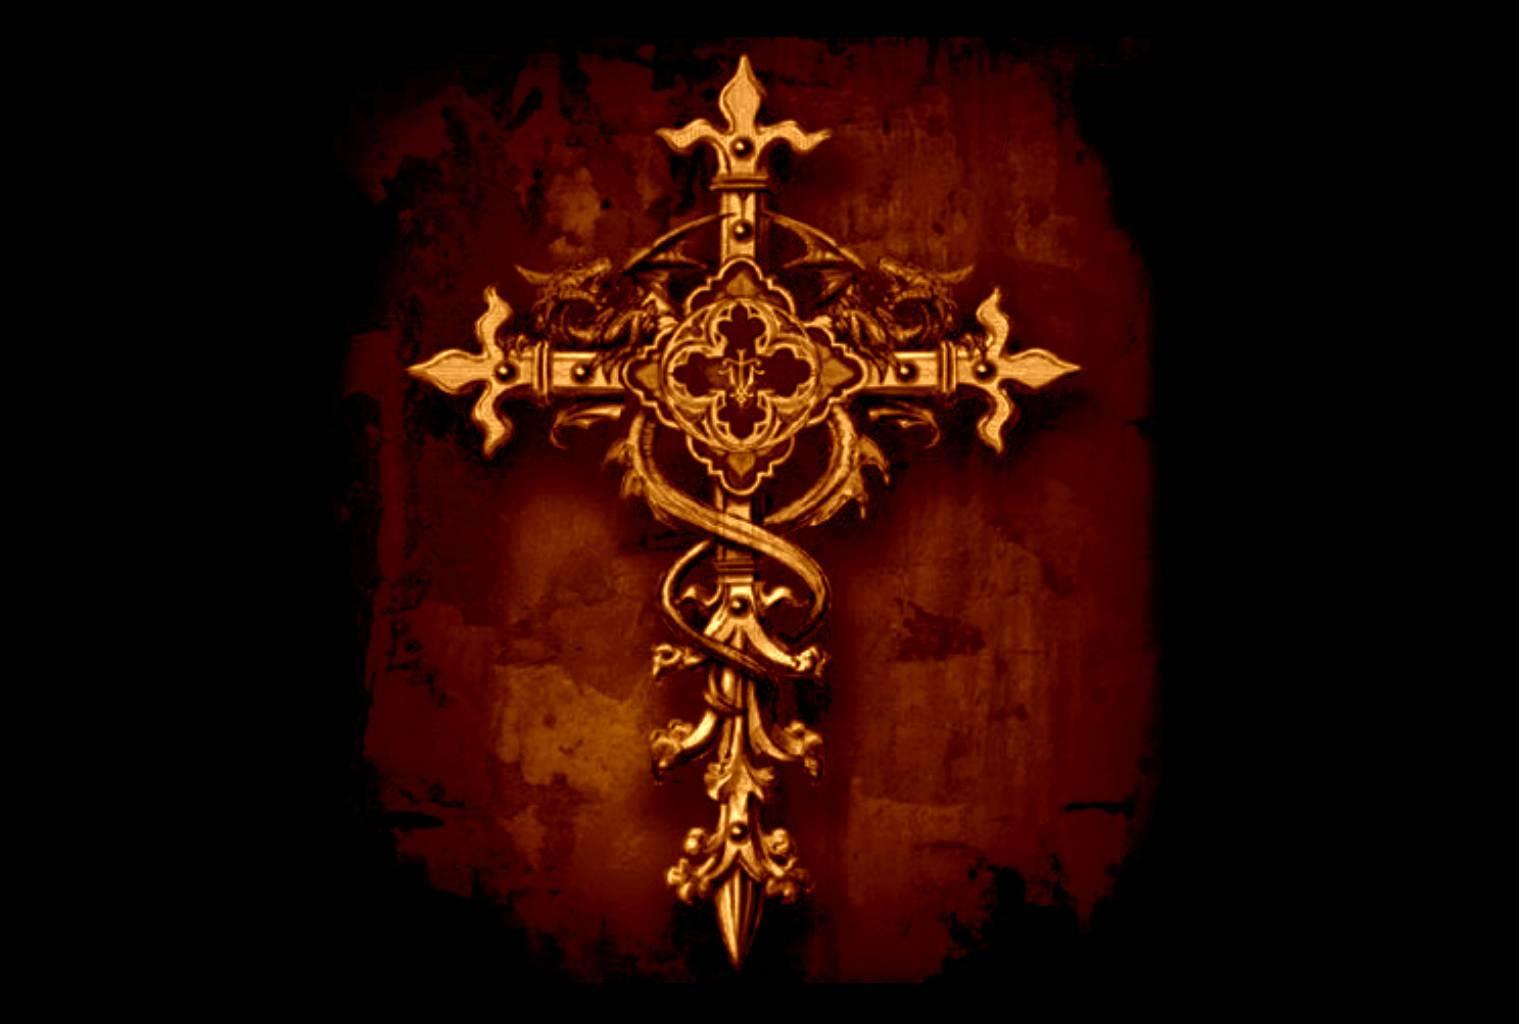 Обои на рабочий стол красивый крест